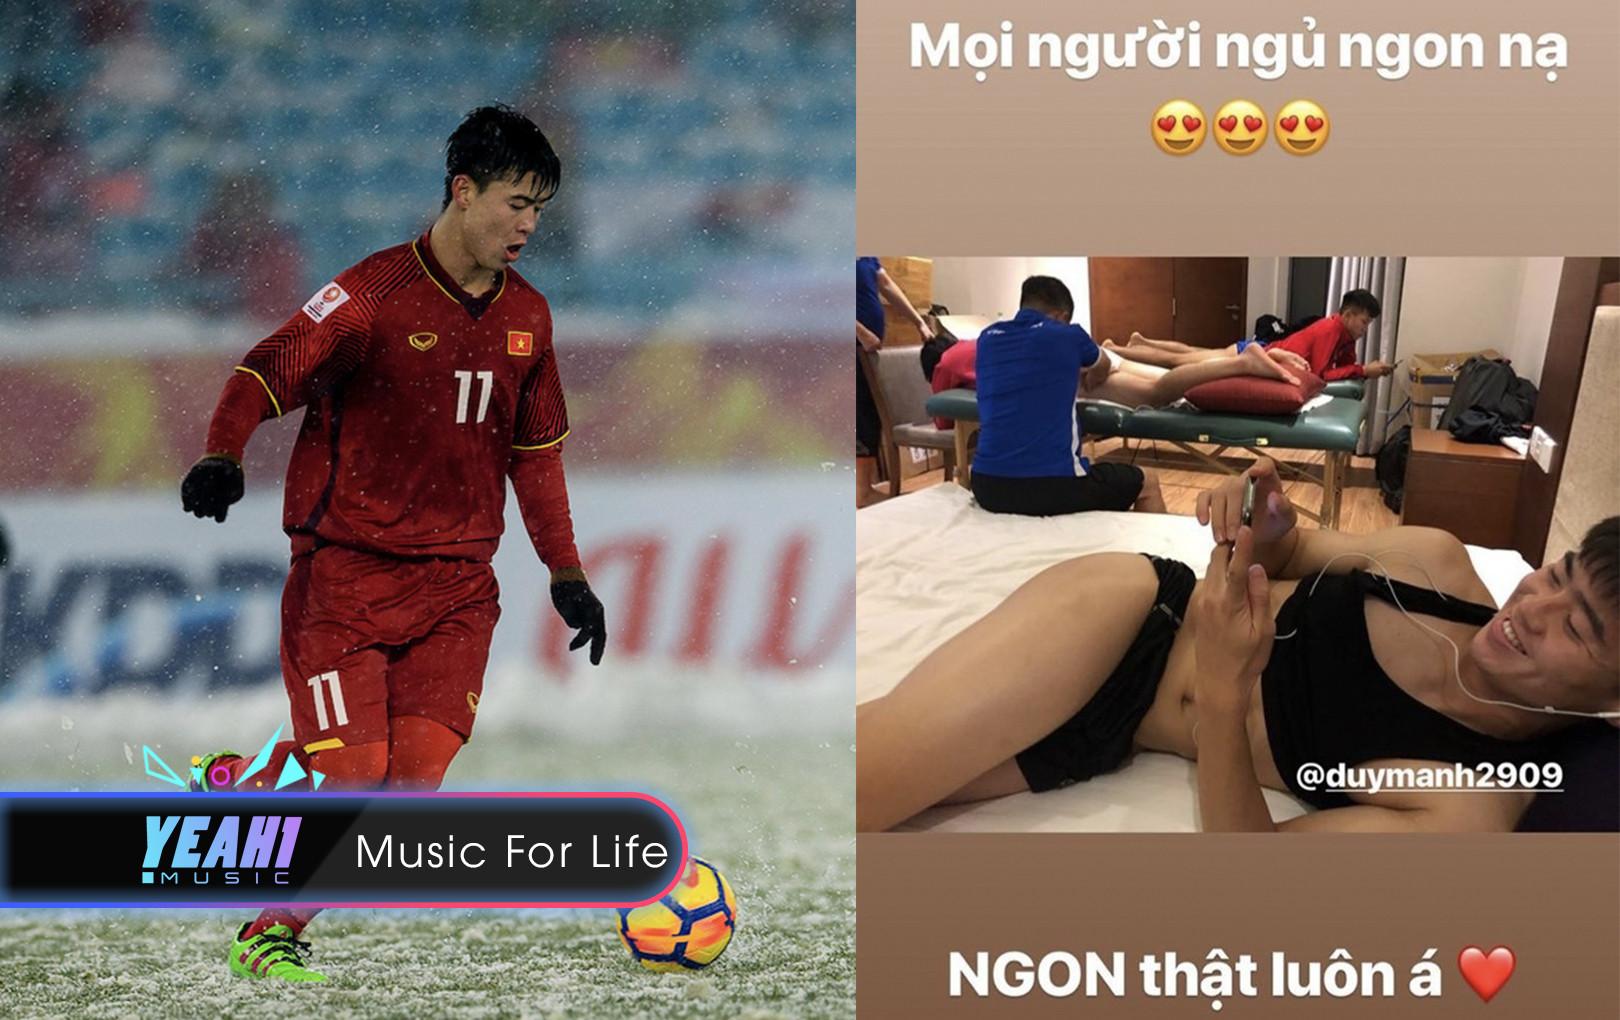 """Fan """"nóng mắt"""" vì """"ảnh nóng"""" lộ da thịt của trung vệ Duy Mạnh trước trận đấu Việt Nam - Campuchia"""